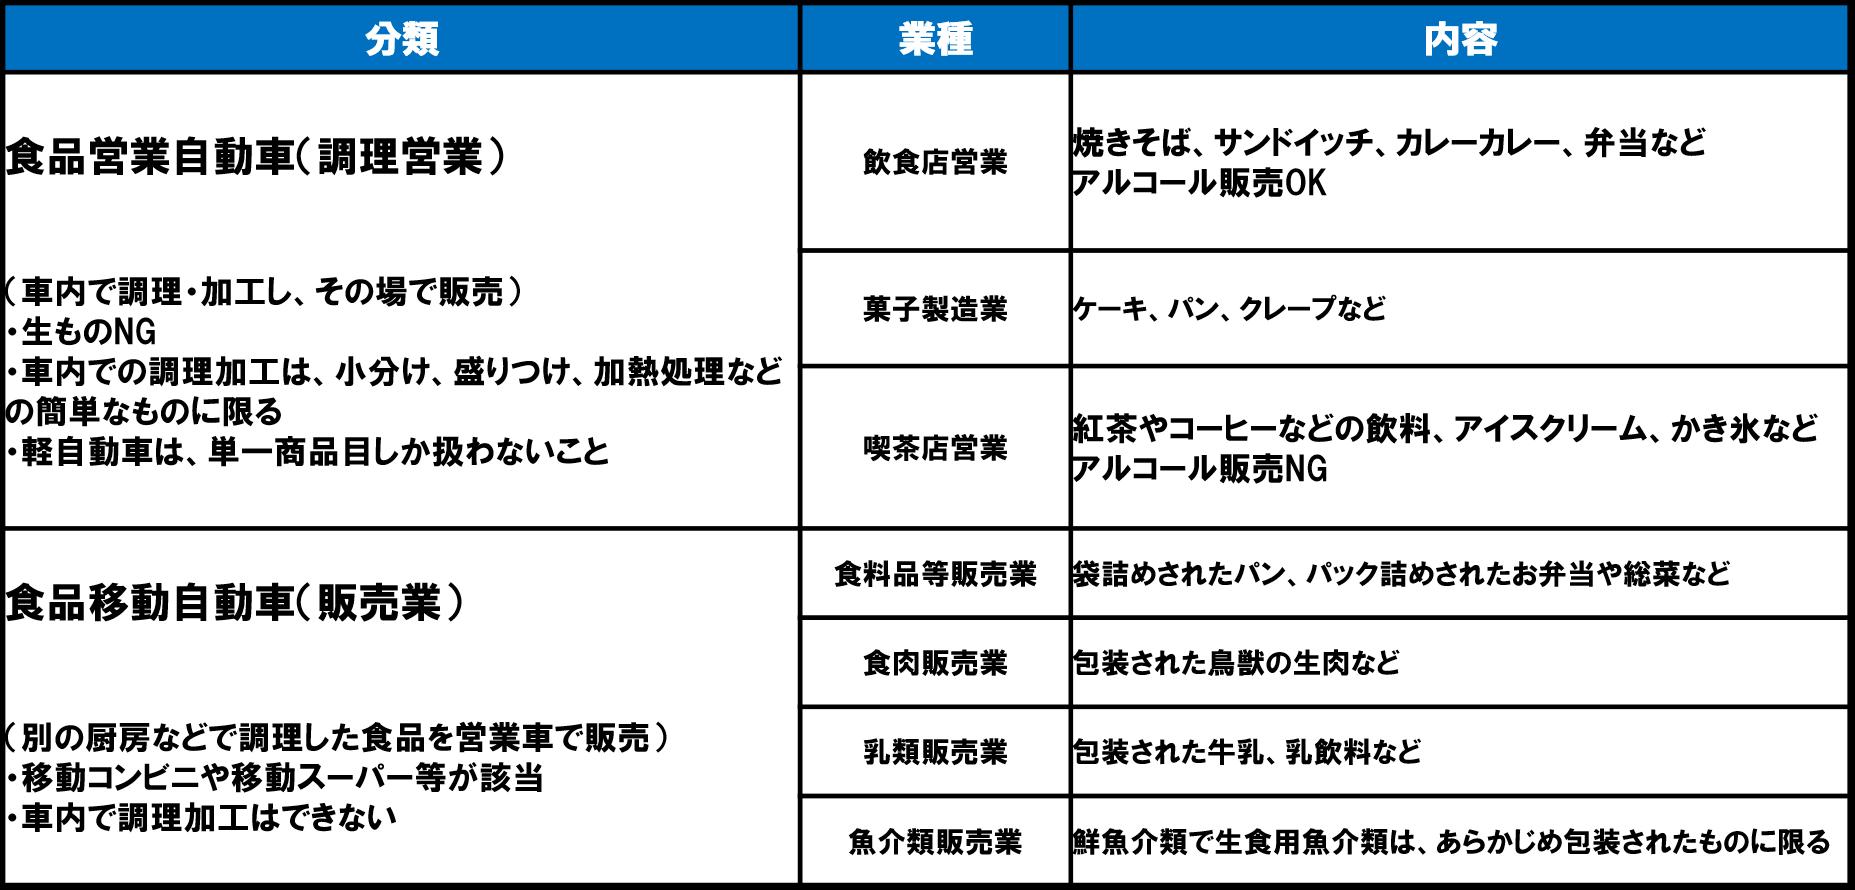 キッチンカーの営業許可の種類の表